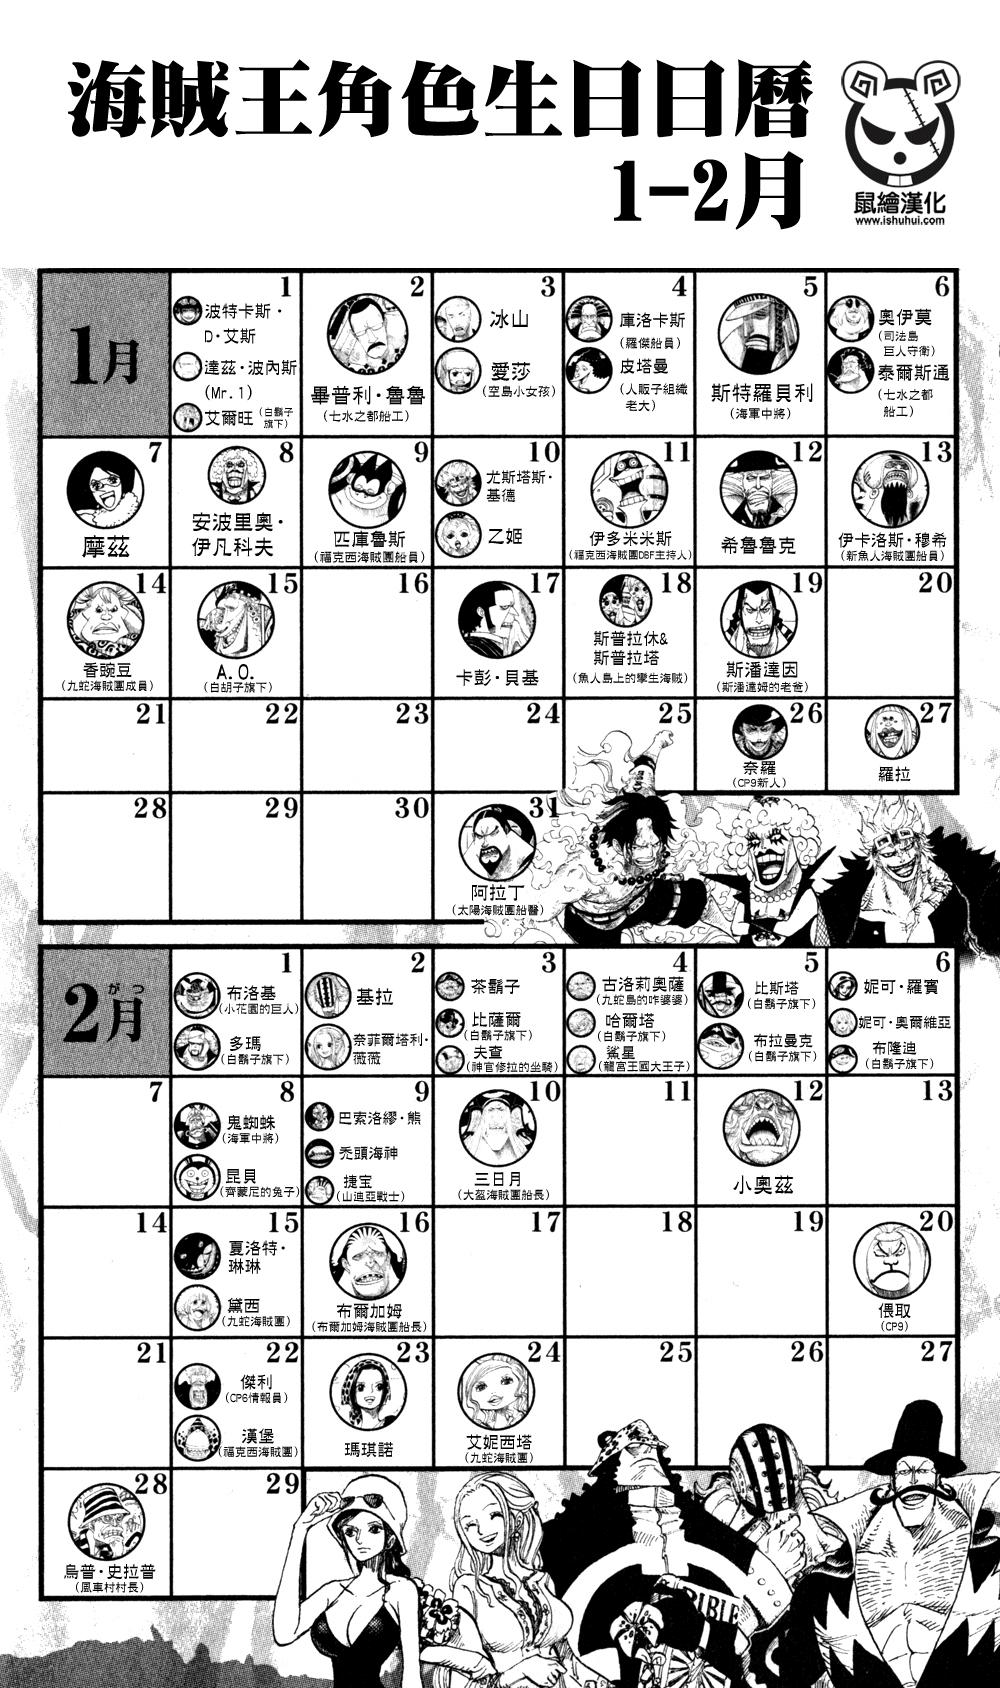 卷79 所有人生日1.png